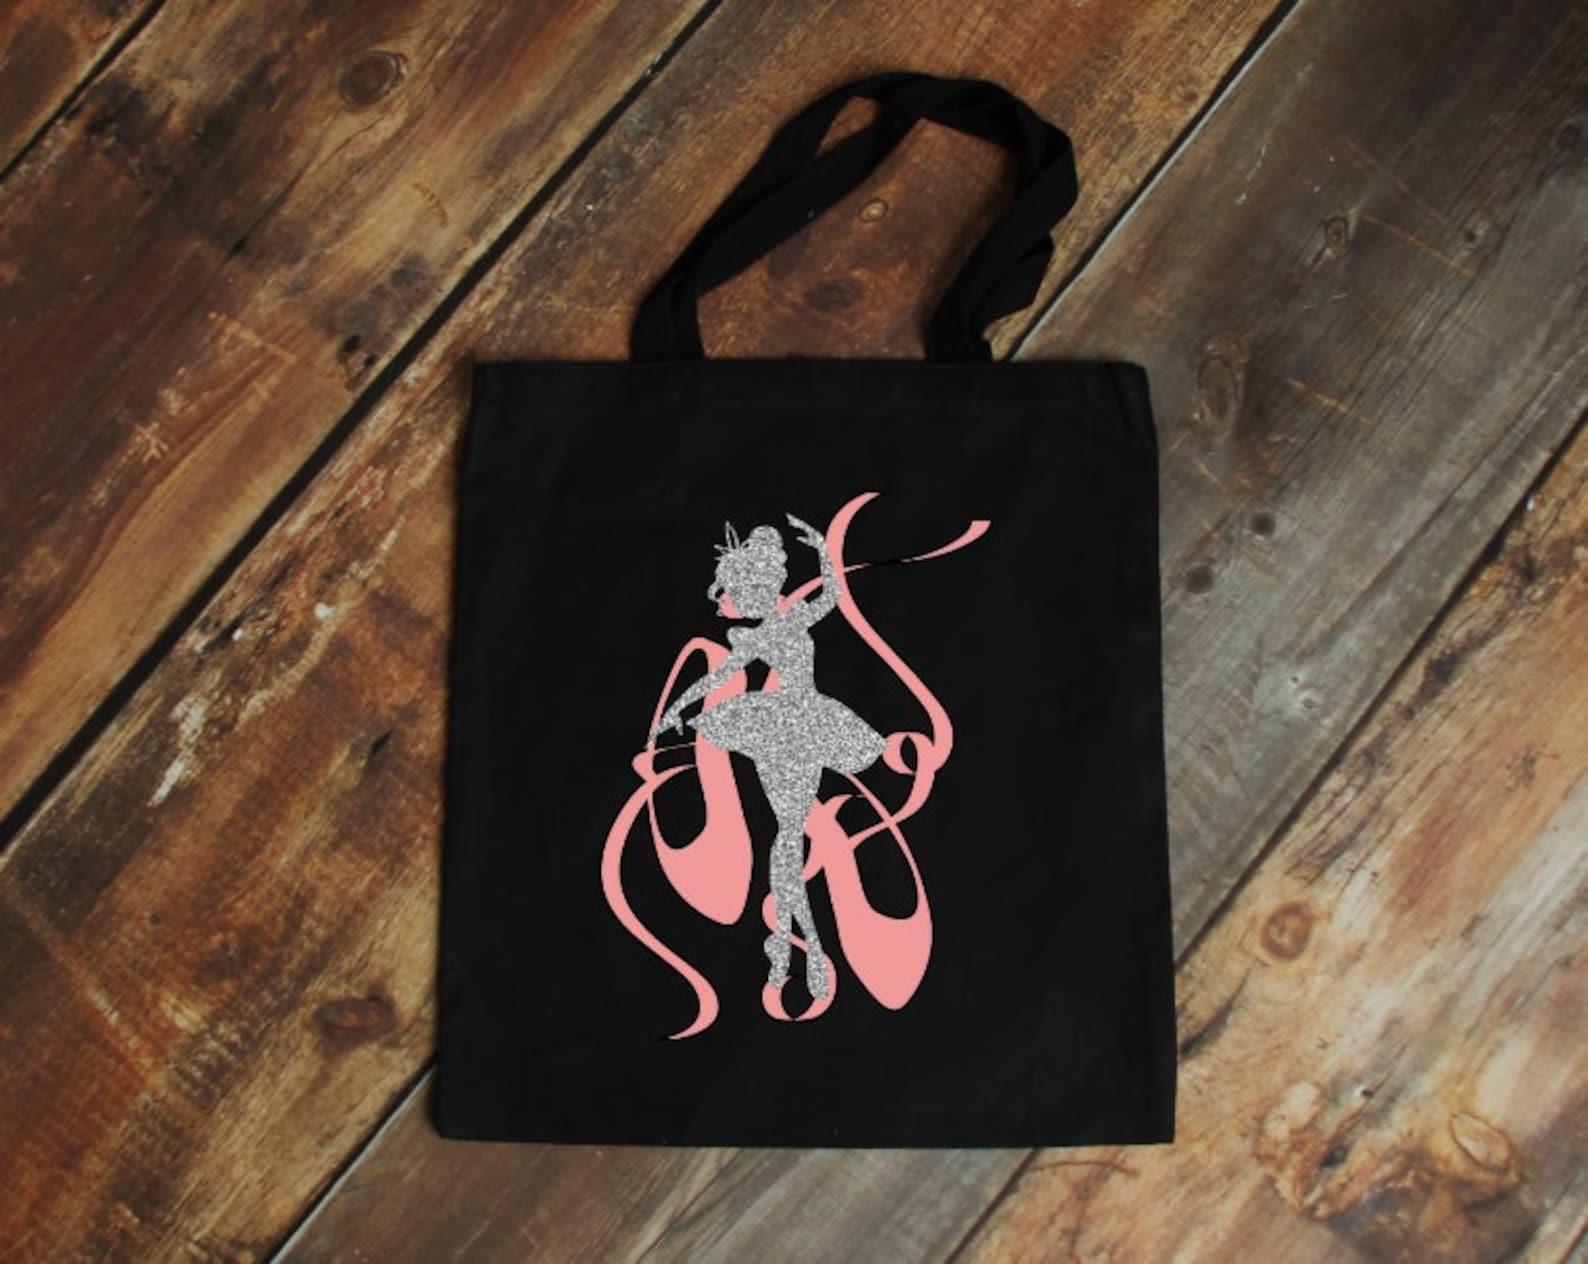 ballet bag, ballet clothese bag, ballerina tote bag, bag for ballet, bag with ballet shoes, little girl tote bag,